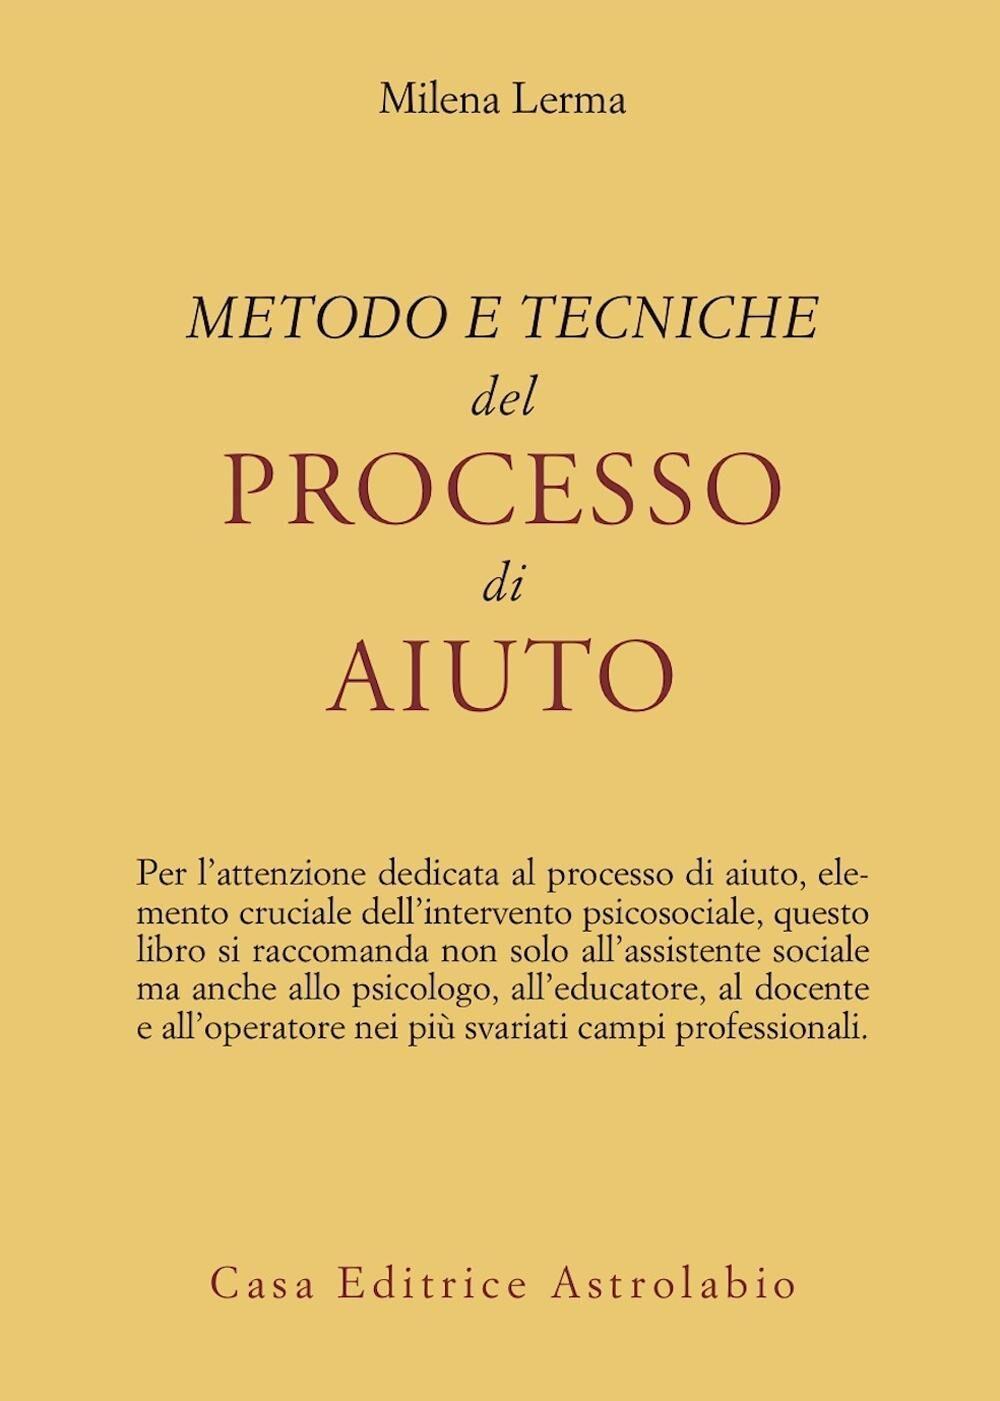 Metodo e tecniche del processo di aiuto